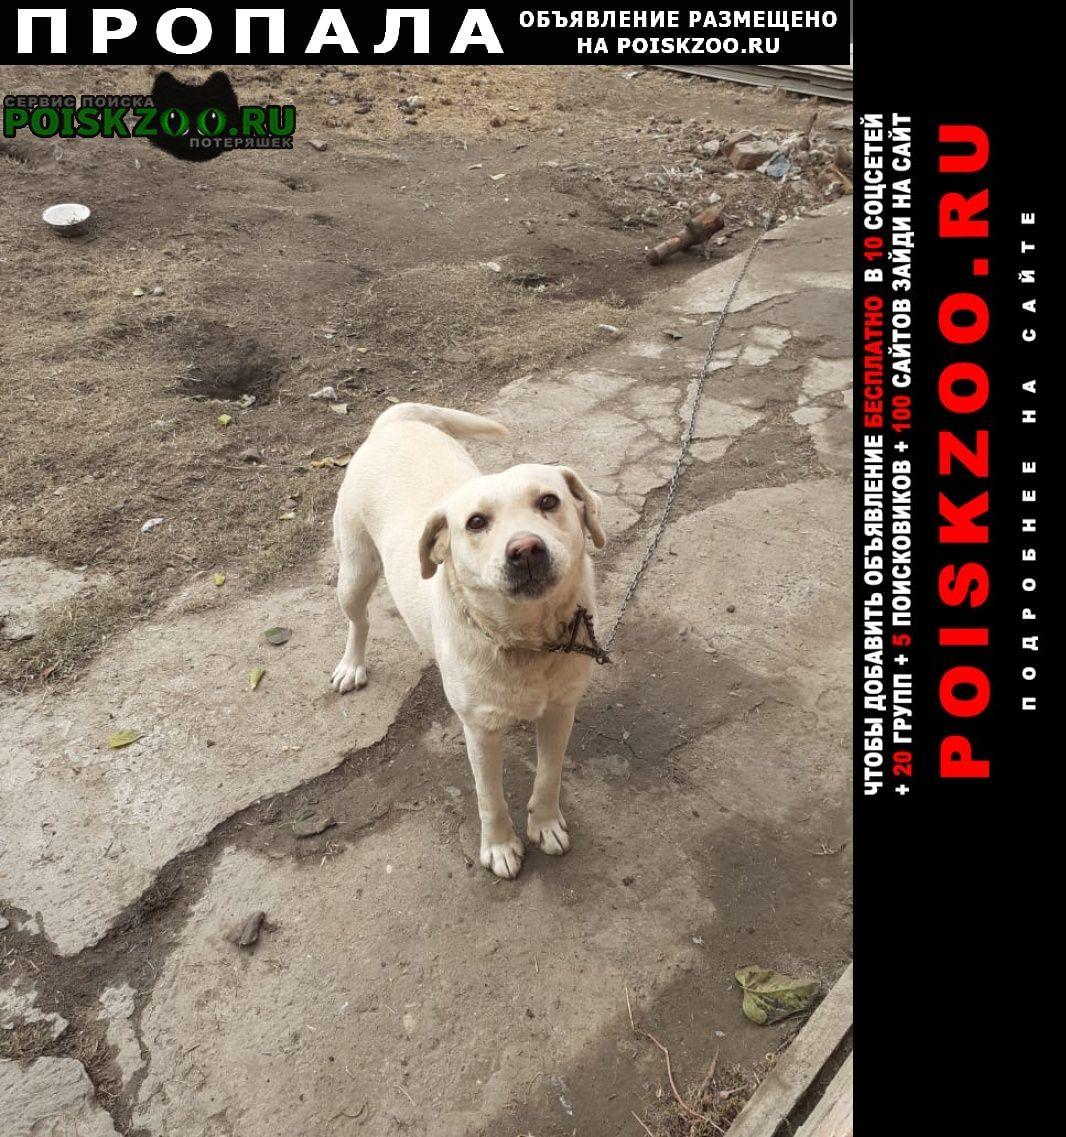 Пропала собака Михайловск Ставропольский край